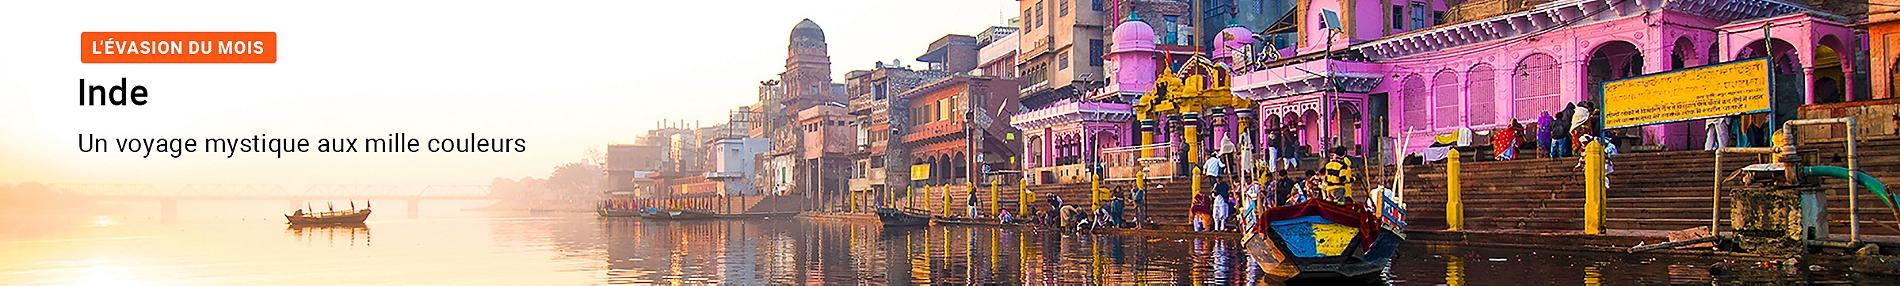 L'évasion du mois : voyage mystique en Inde